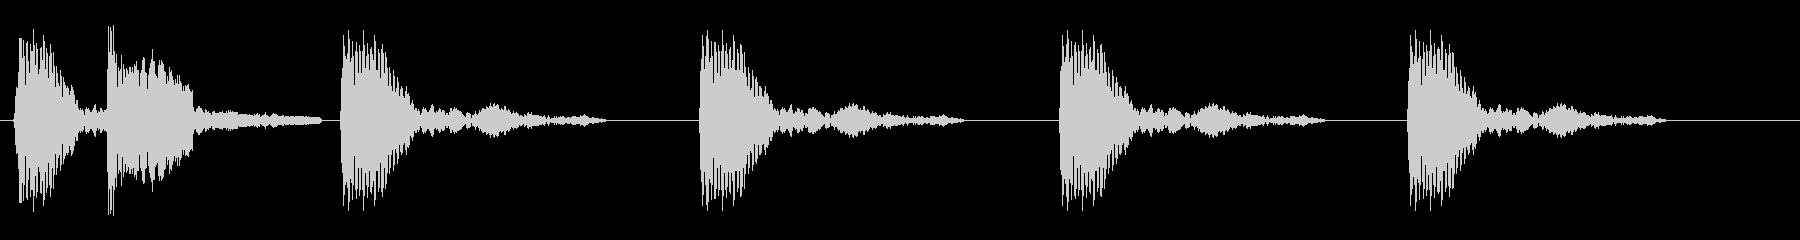 コッコッコッ(鶏の鳴き声)の未再生の波形